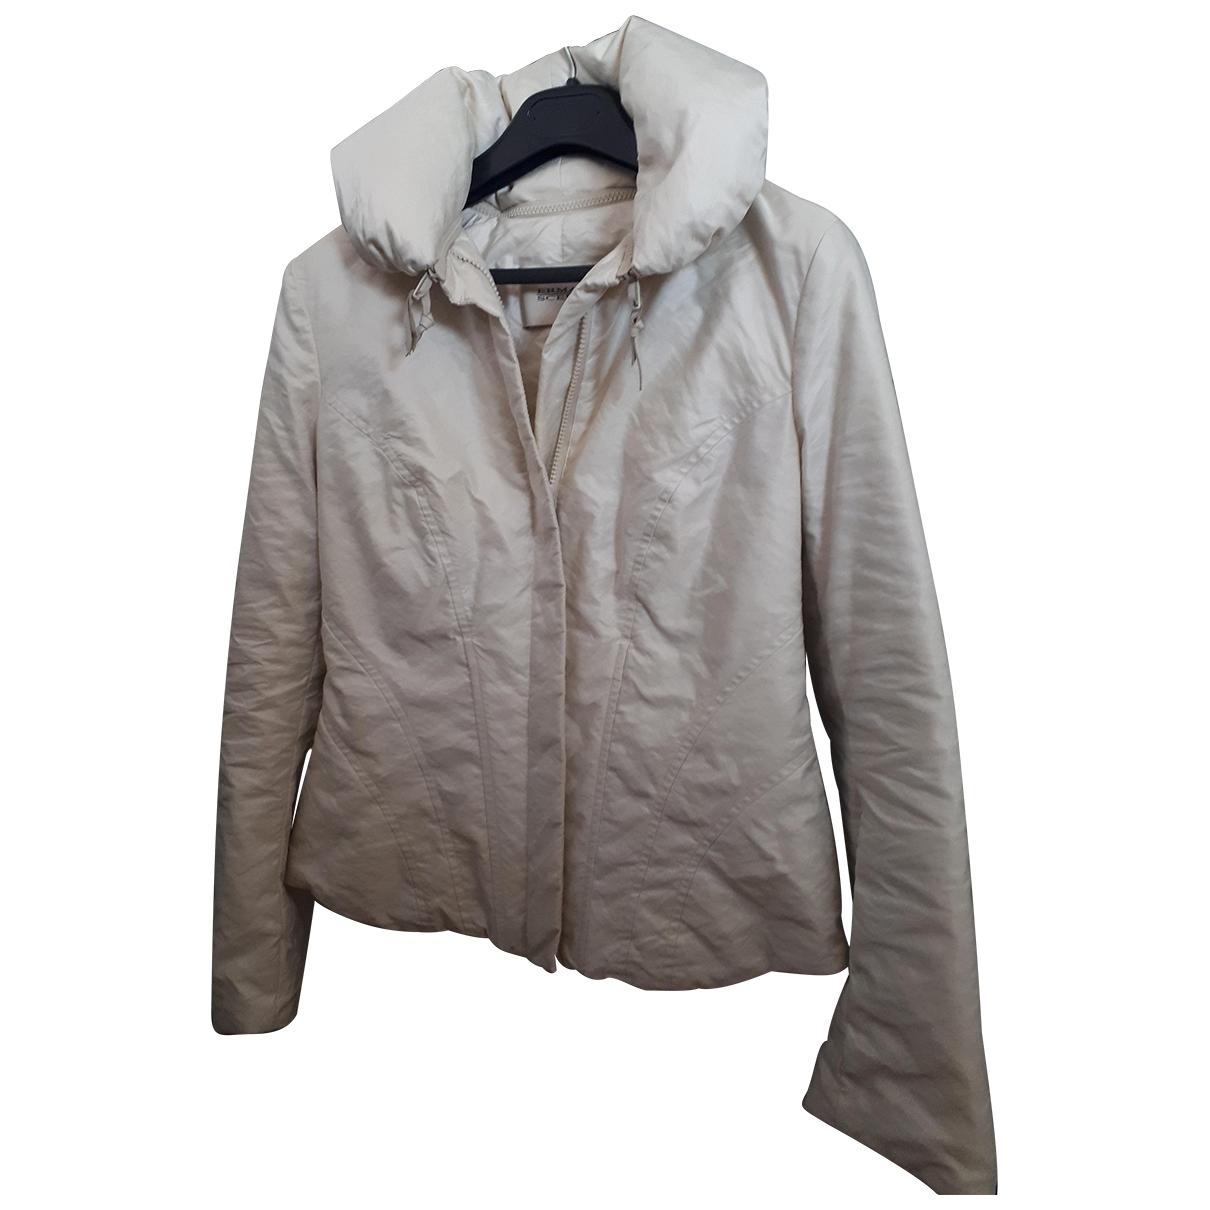 Ermanno Scervino \N Metallic jacket for Women 42 IT